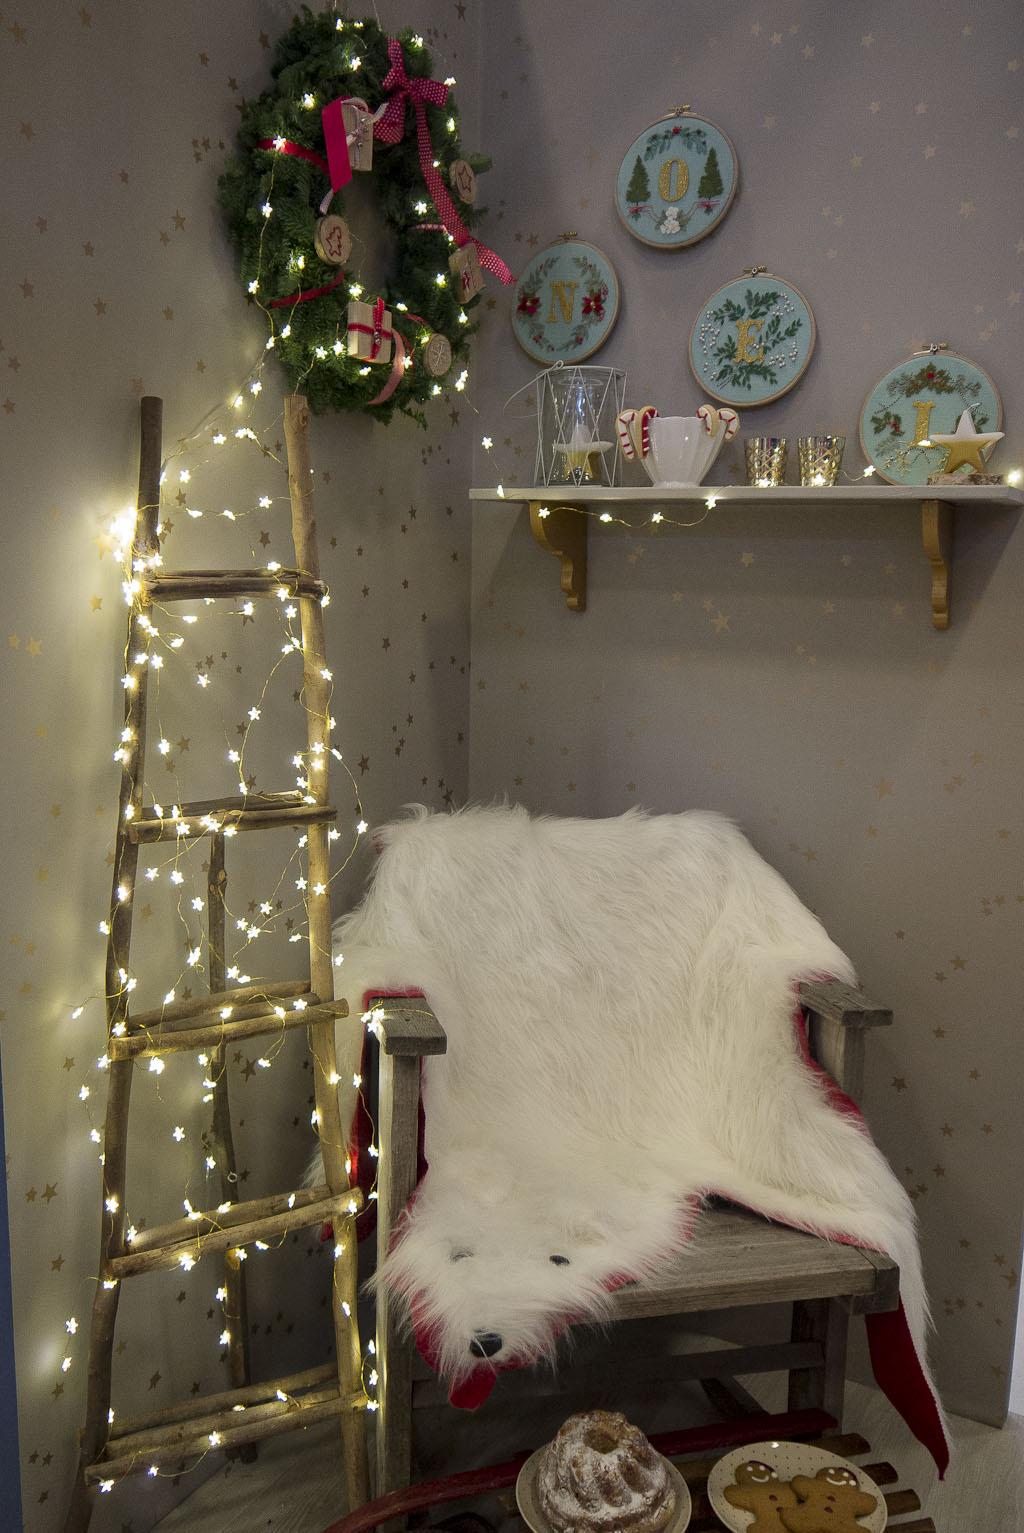 Retrouver toutes les créations du dernier Marie-Claire Idées spécial Noël pour décorer, s'inspirer...